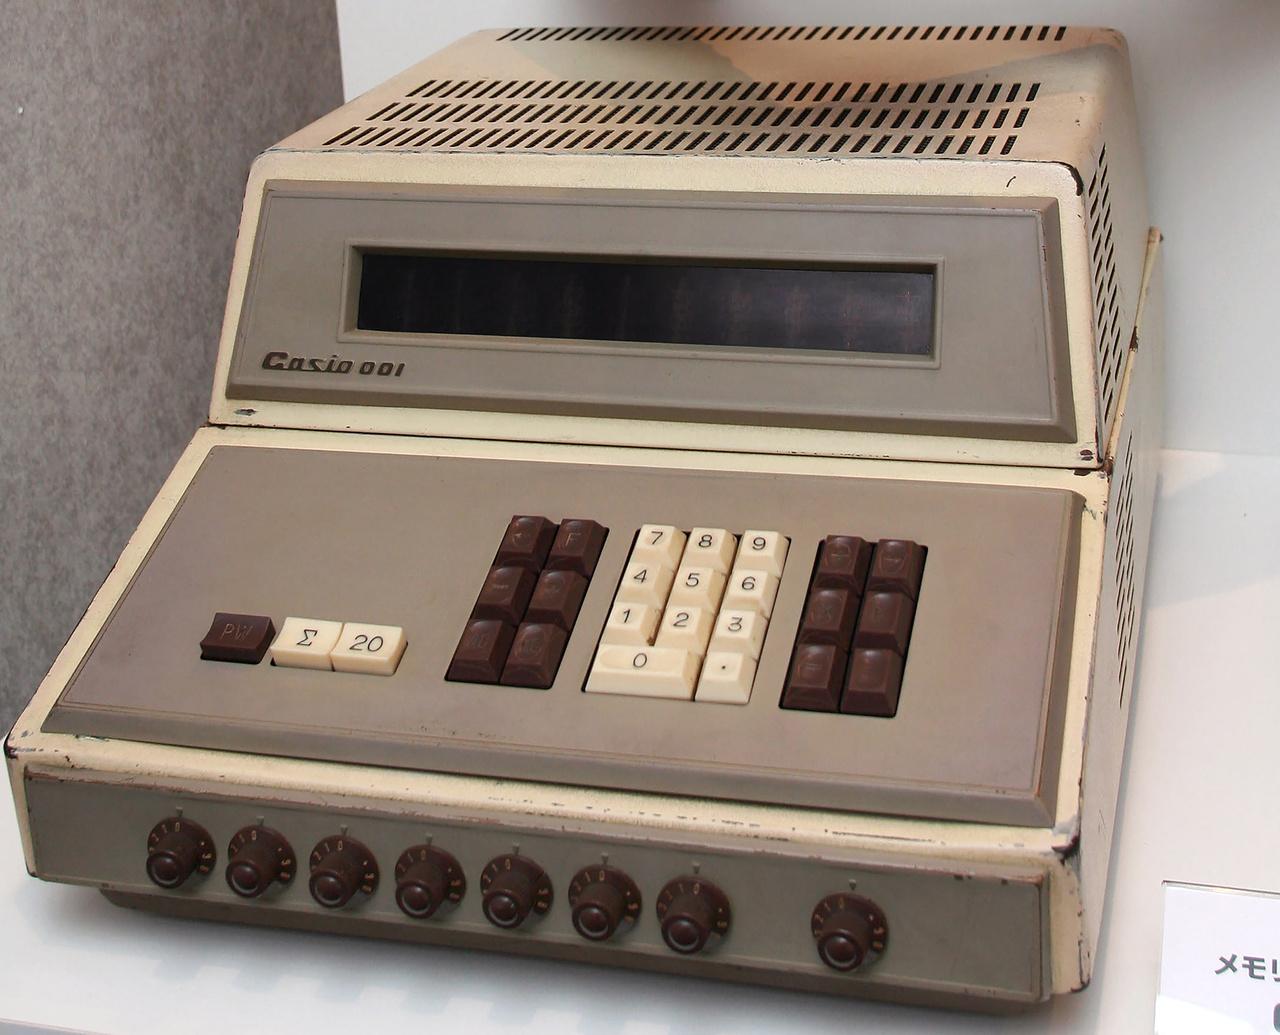 1965 szeptemberében mutatták be a Casio 001-et, a teljesen elektronikus, tranzisztoros asztali számológépet, újdonságnak számító beépített memóriával, nixie-csöves kijelzővel. A 17 kilogrammos szerkezet 380 ezer jenbe került, irodák, könyvelőcégek vásárolták elsősorban.